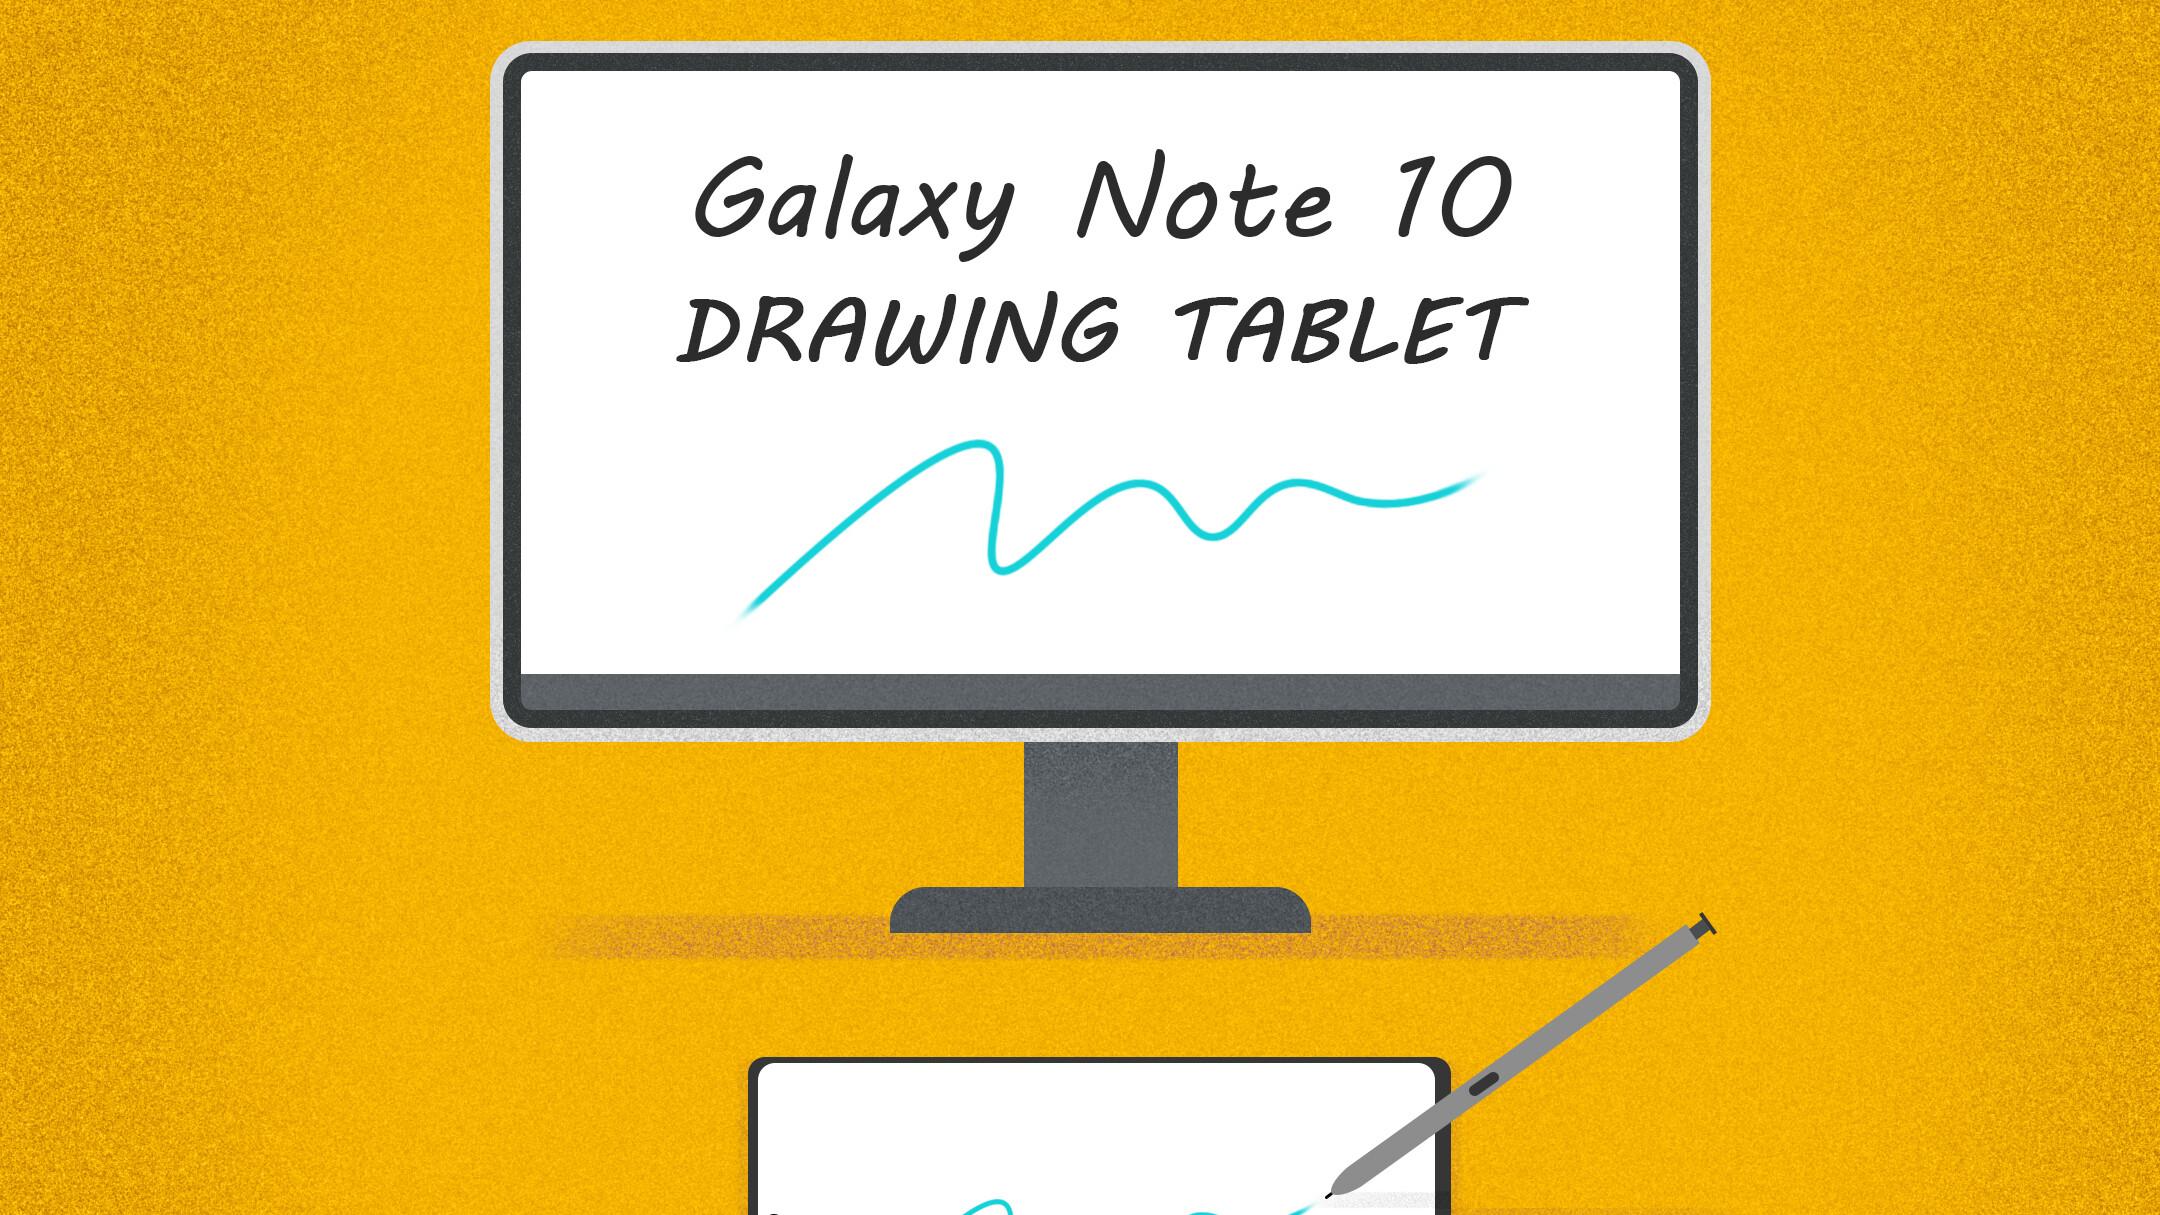 So verwandeln Sie das Galaxy Note 10 in ein Zeichentablett